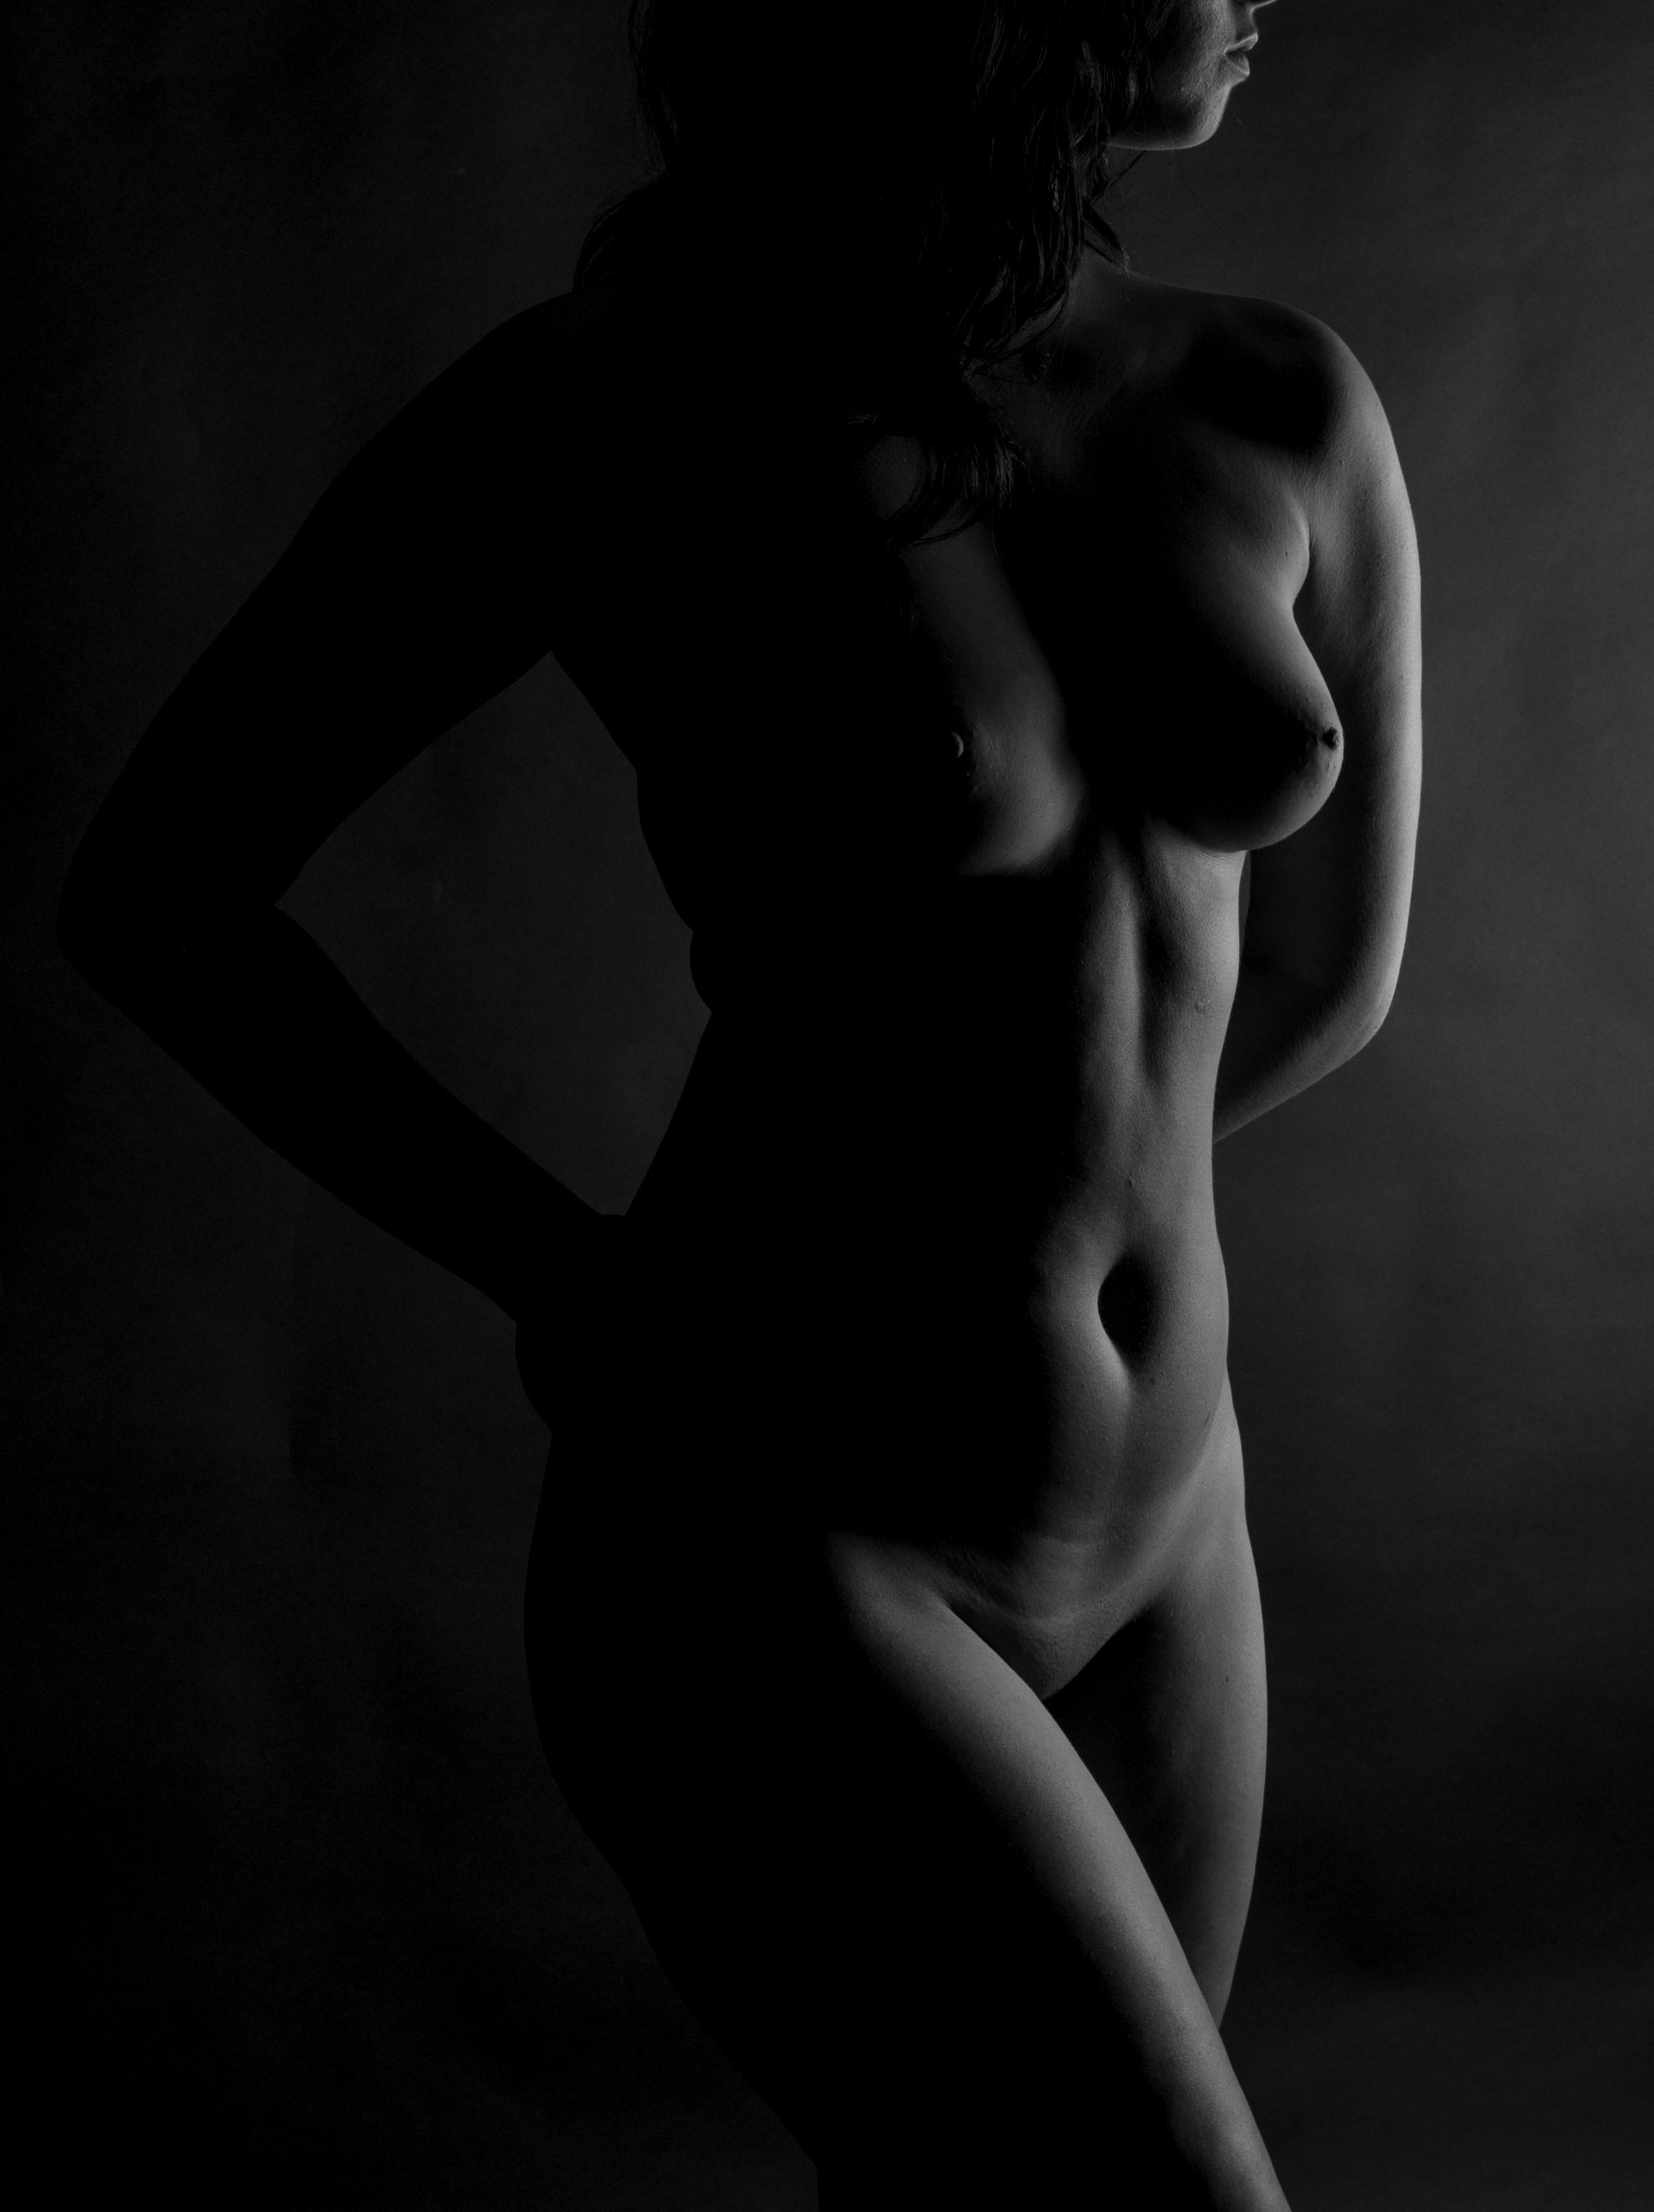 Nude image dipika-9721